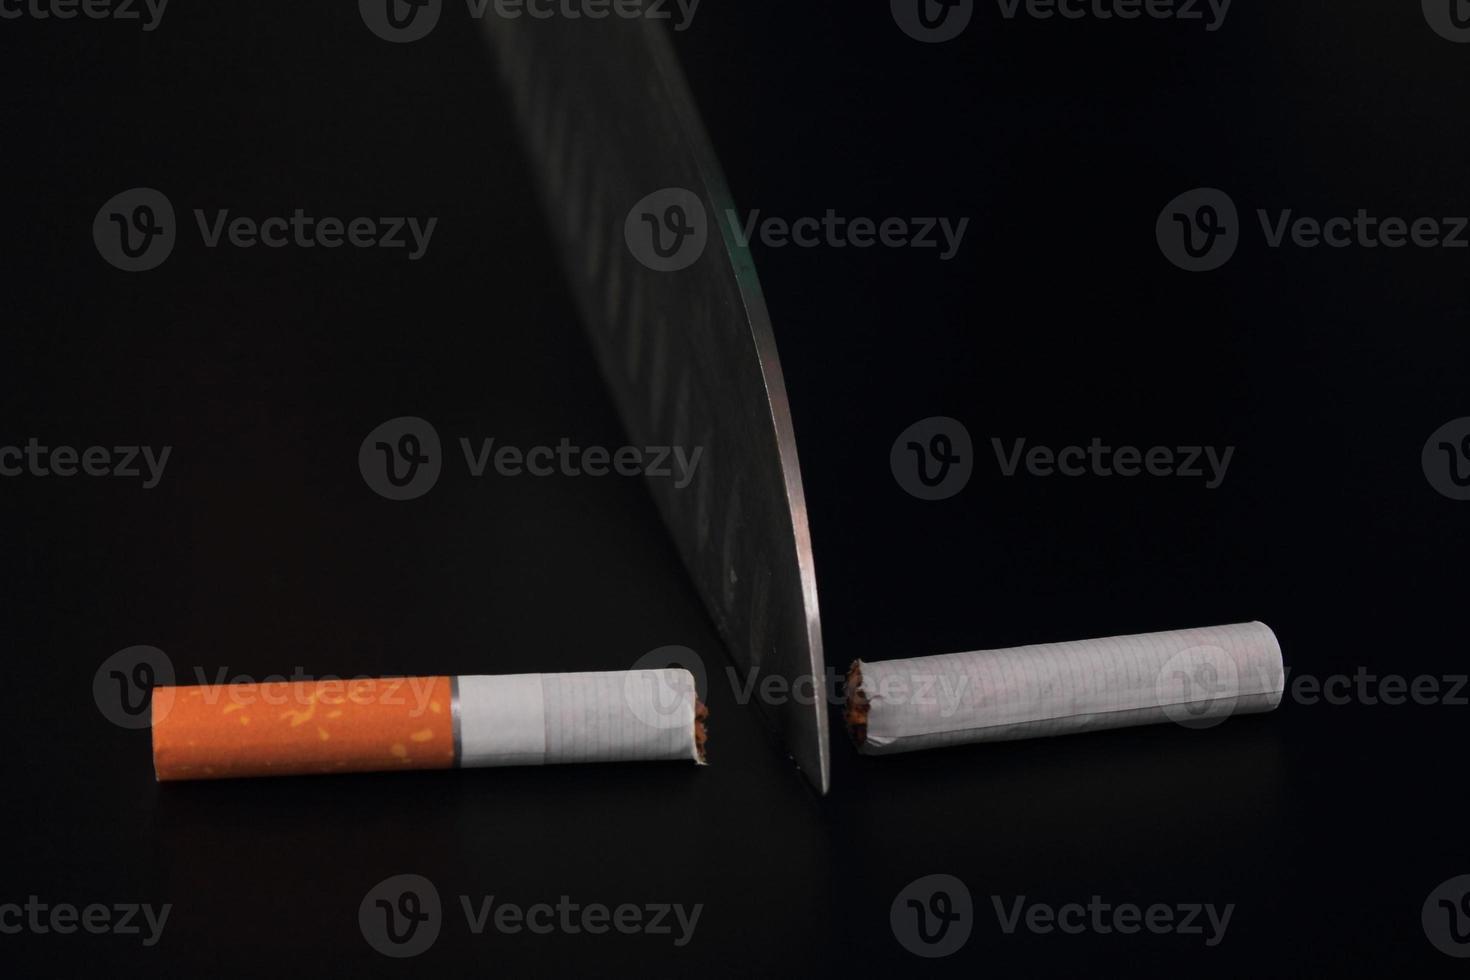 pare de fumar foto